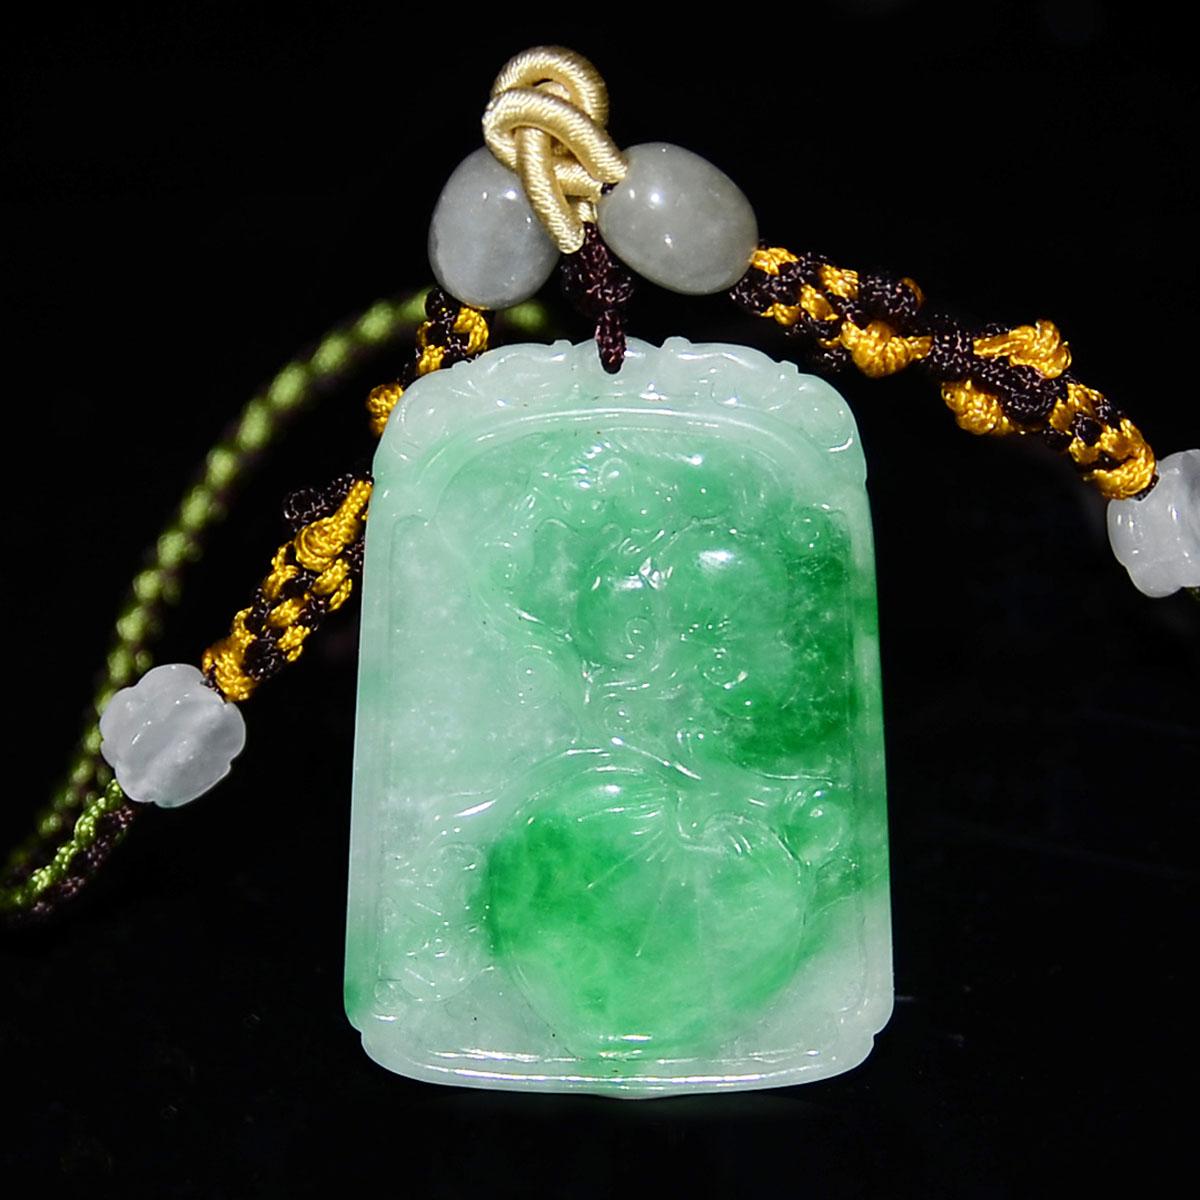 翡翠雙面雕福壽桃花掛飾連珠鏈 A Jadeite Pendant Carved on Both Sides with Auspicious Peach and Plum Blossoms with